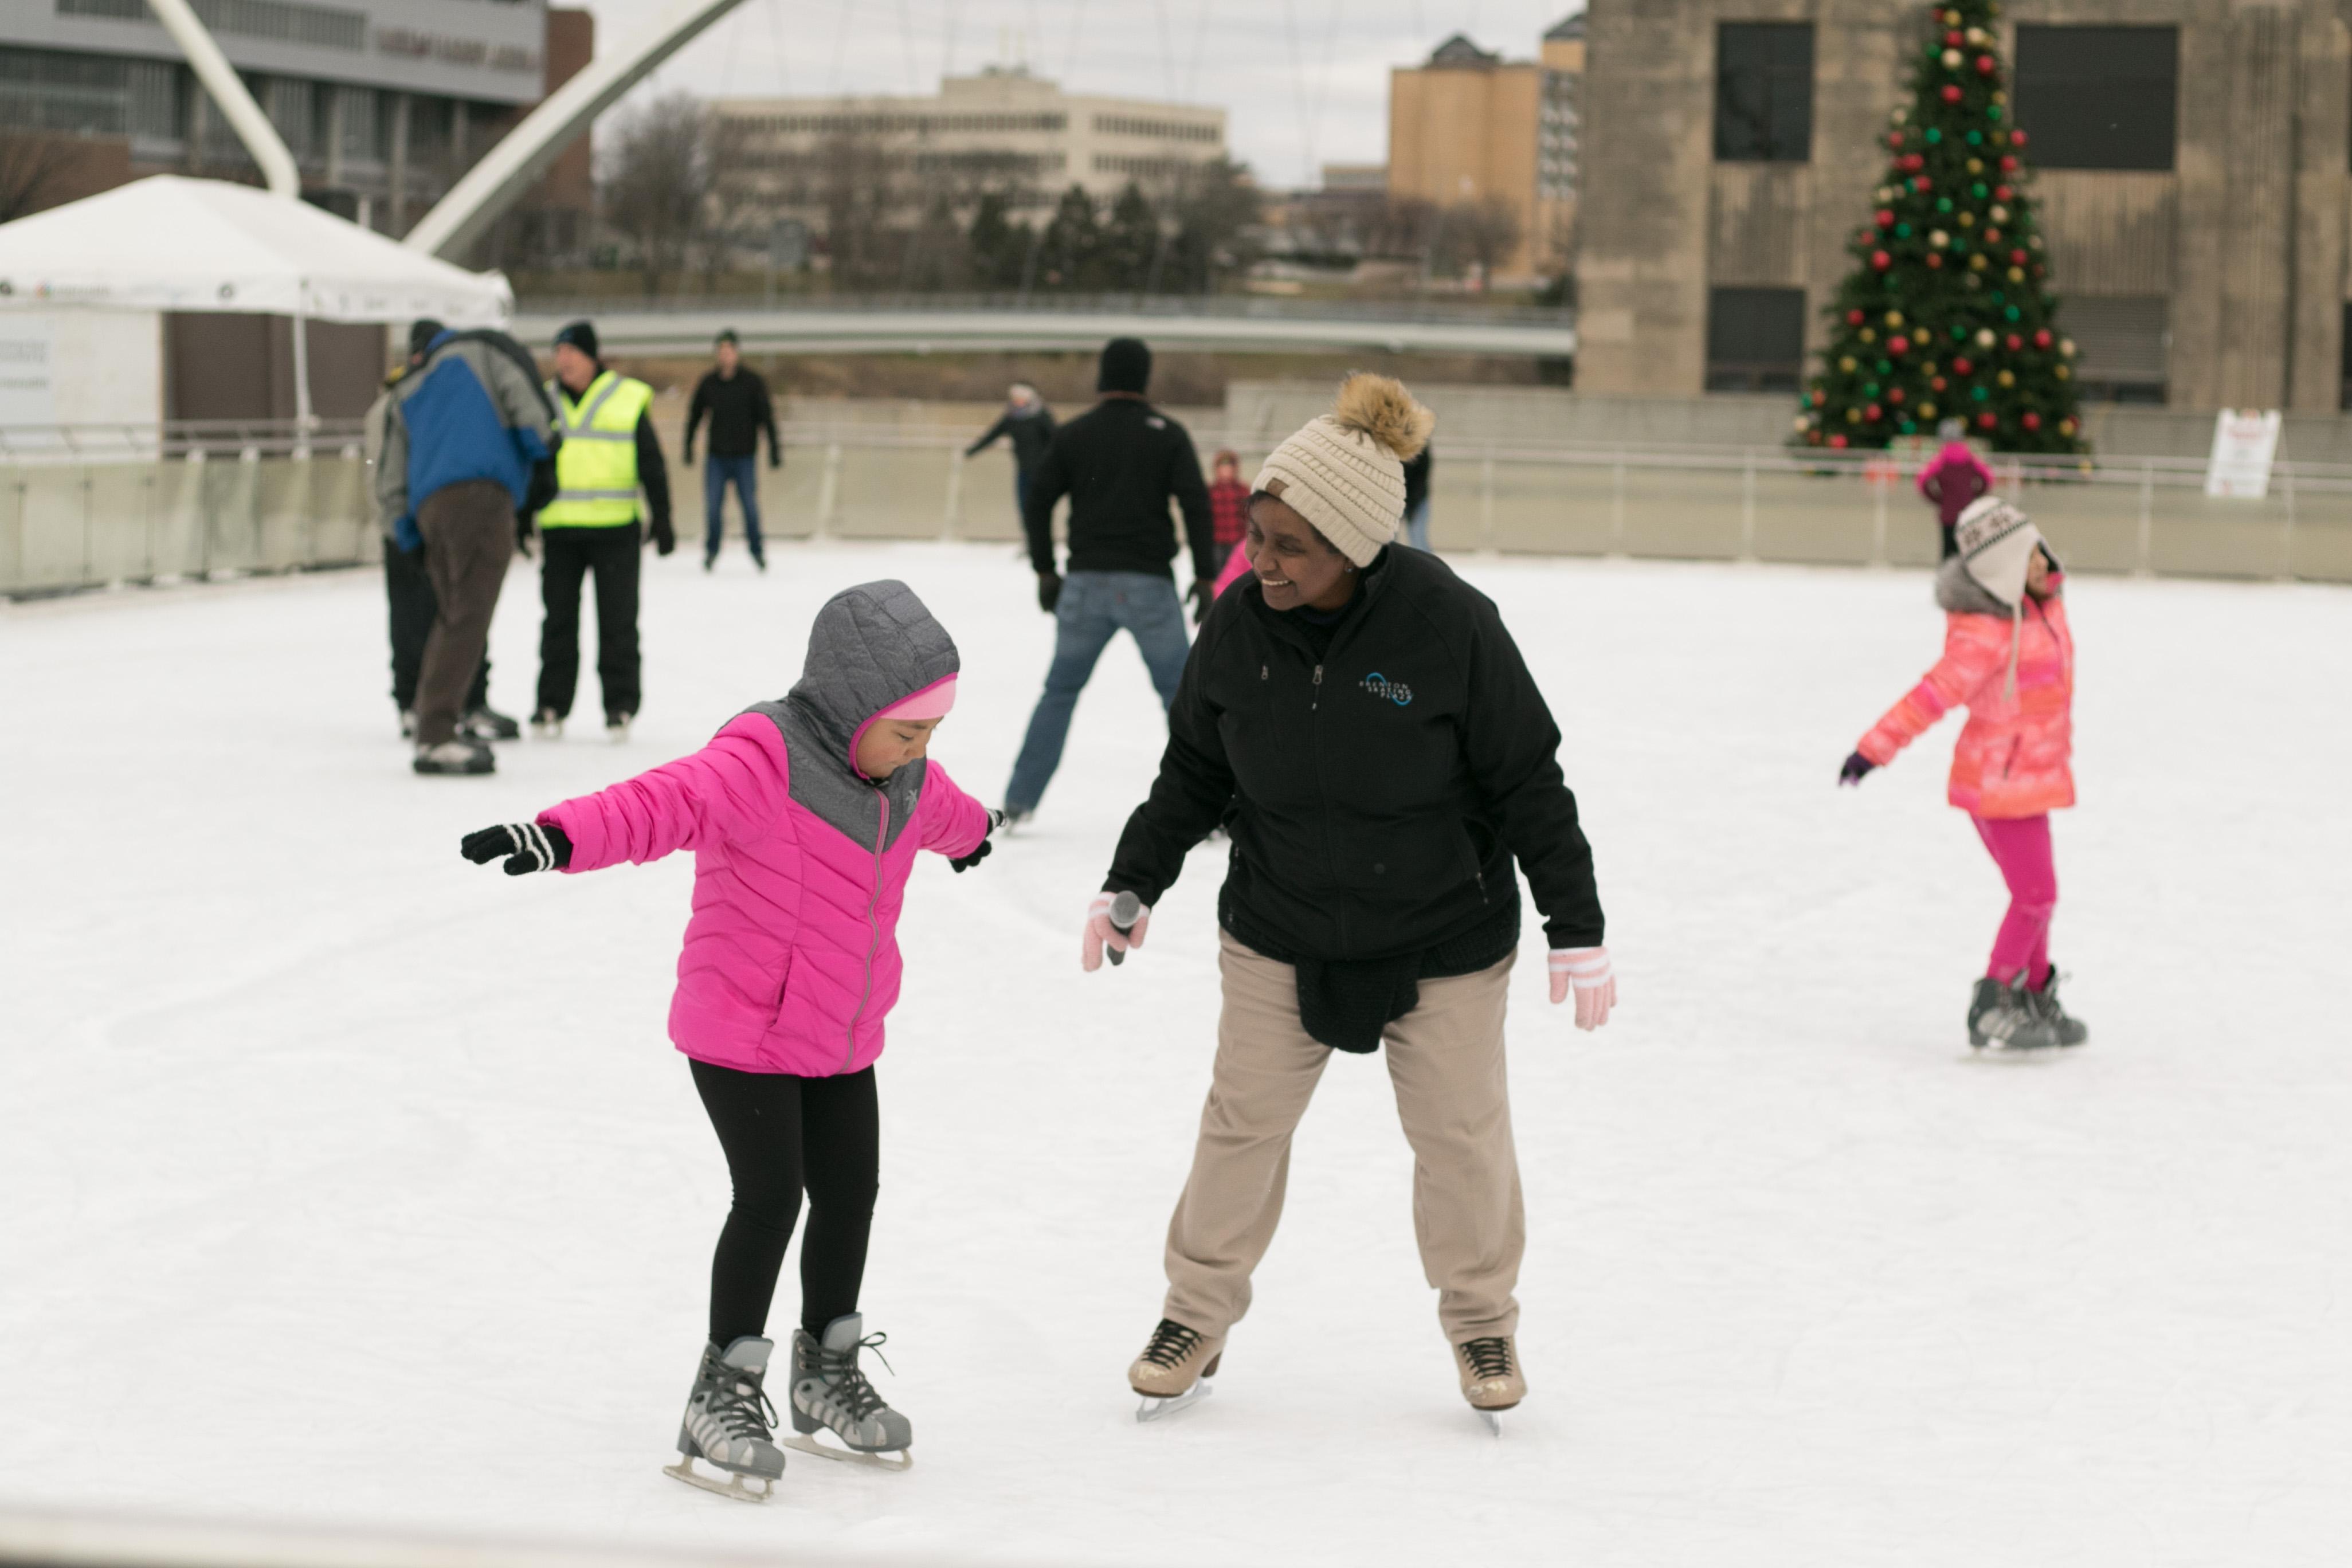 Brenton Skating Plaza, Des Moines, Iowa